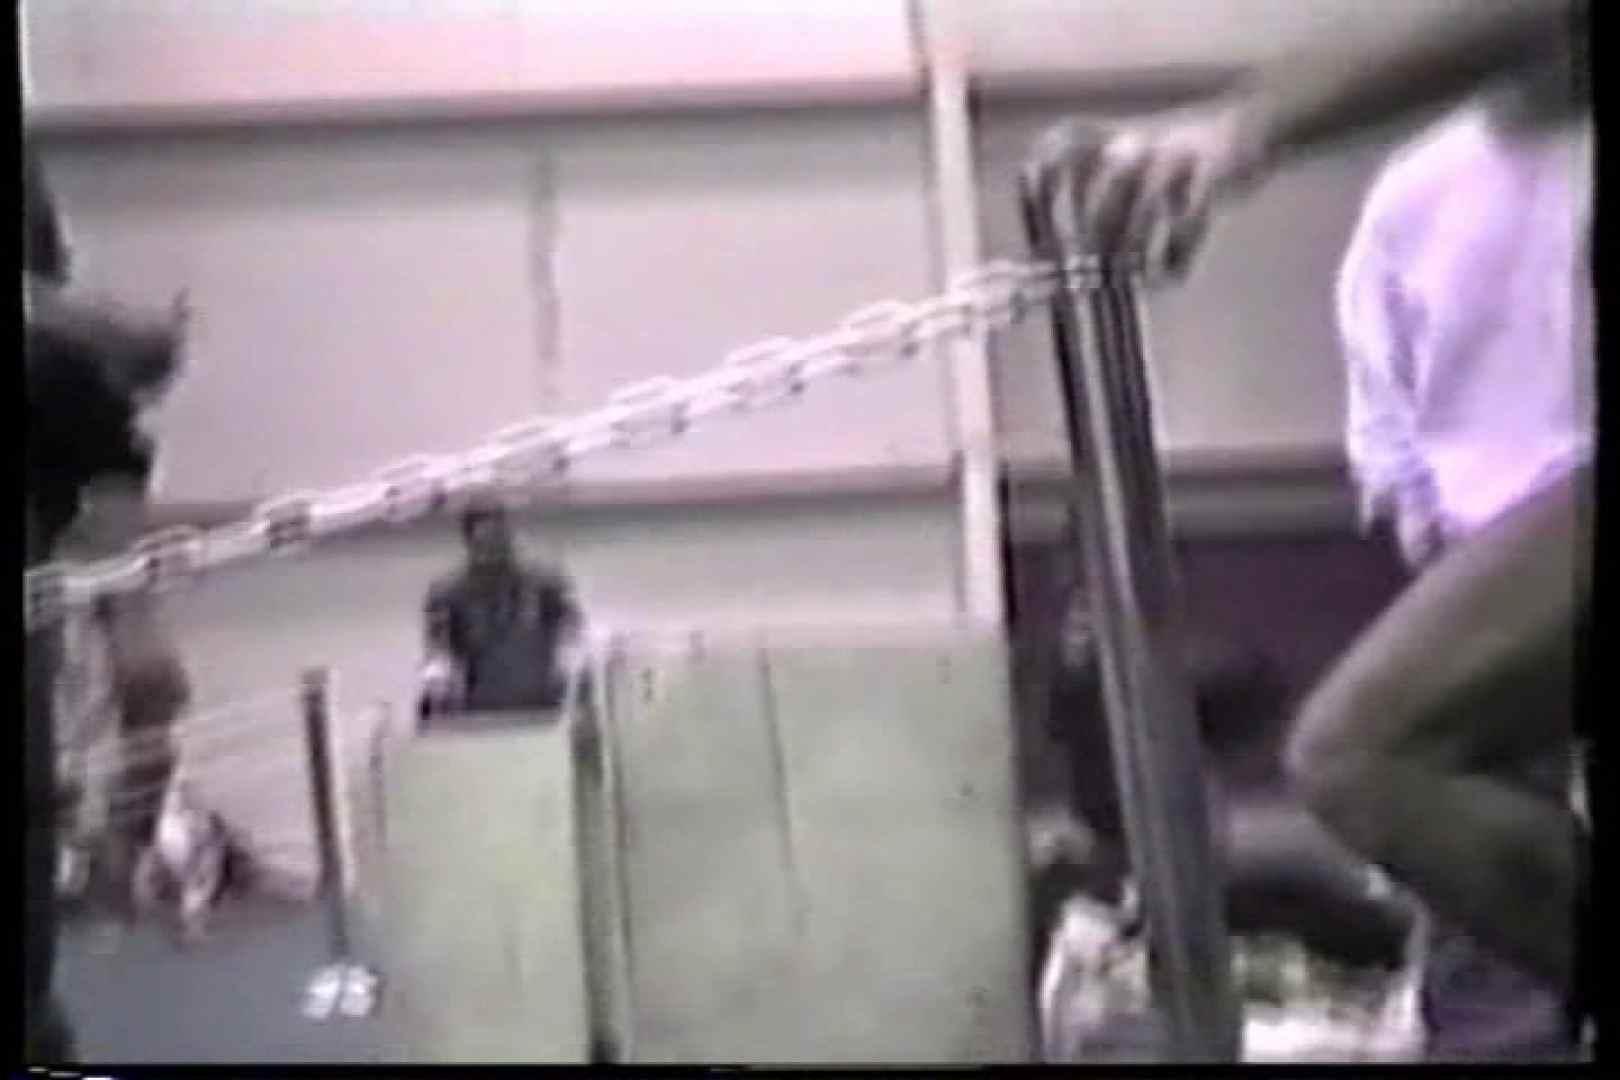 洋人さんの脱衣所を覗いてみました。VOL.5 ボーイズ覗き | ガチムチマッチョ系  80pic 64